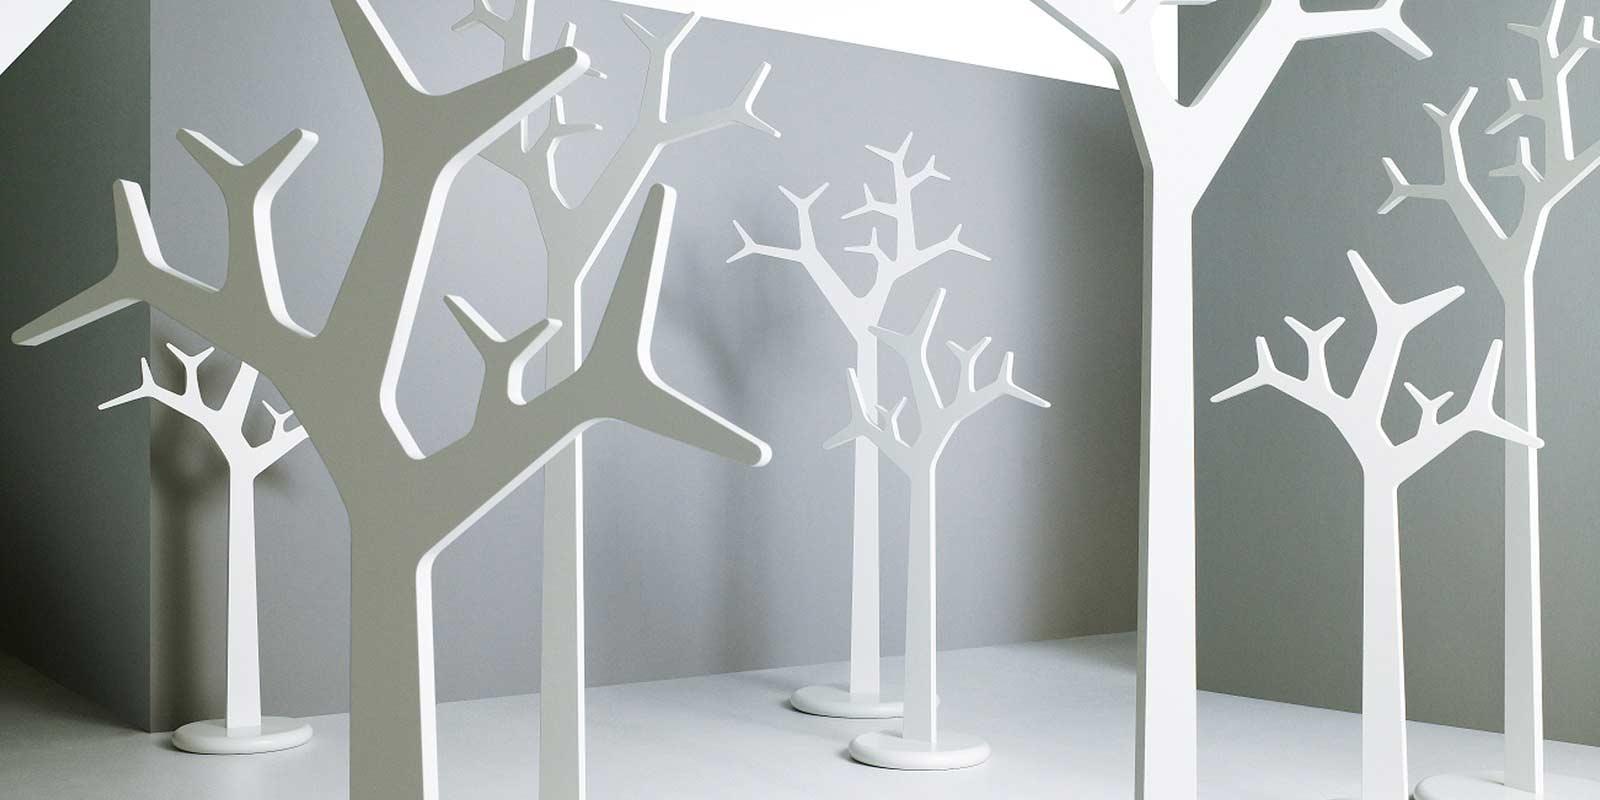 Miljøbilde av Tree stumtjener